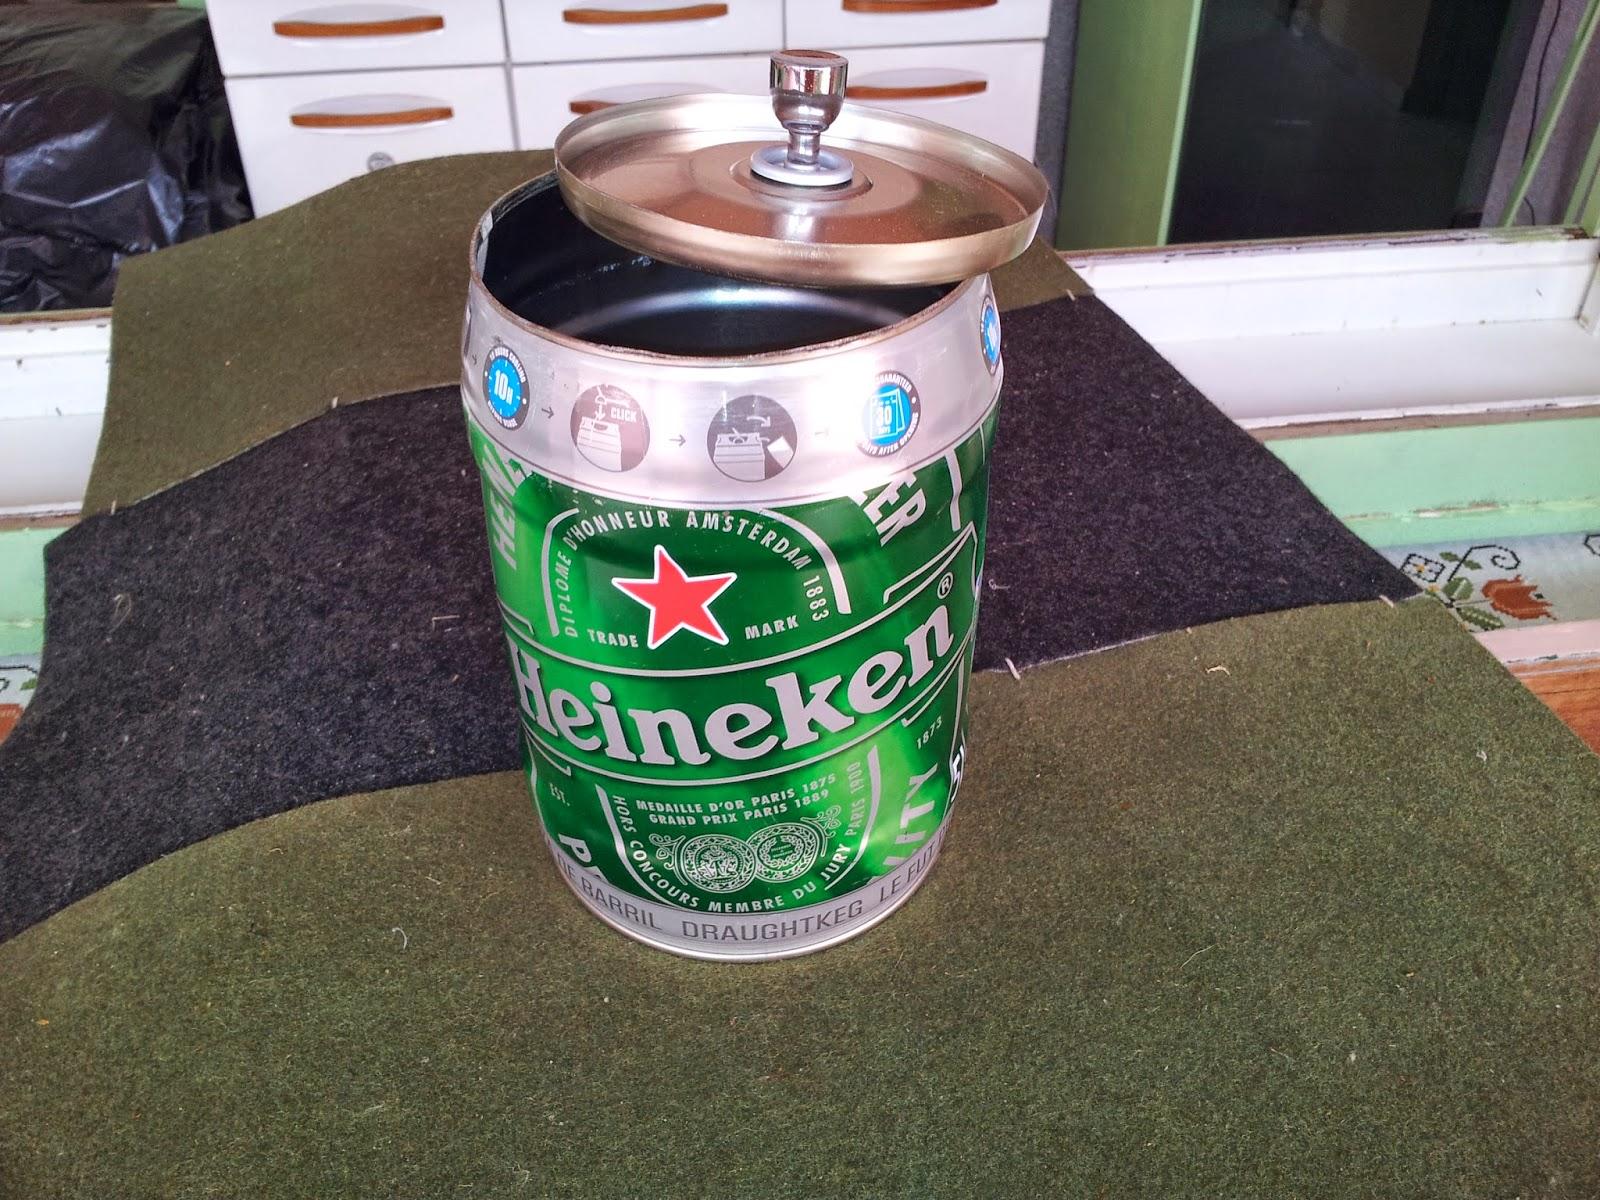 Oficina do Quintal Como fazer um cesto de lixo com barril de Heineken